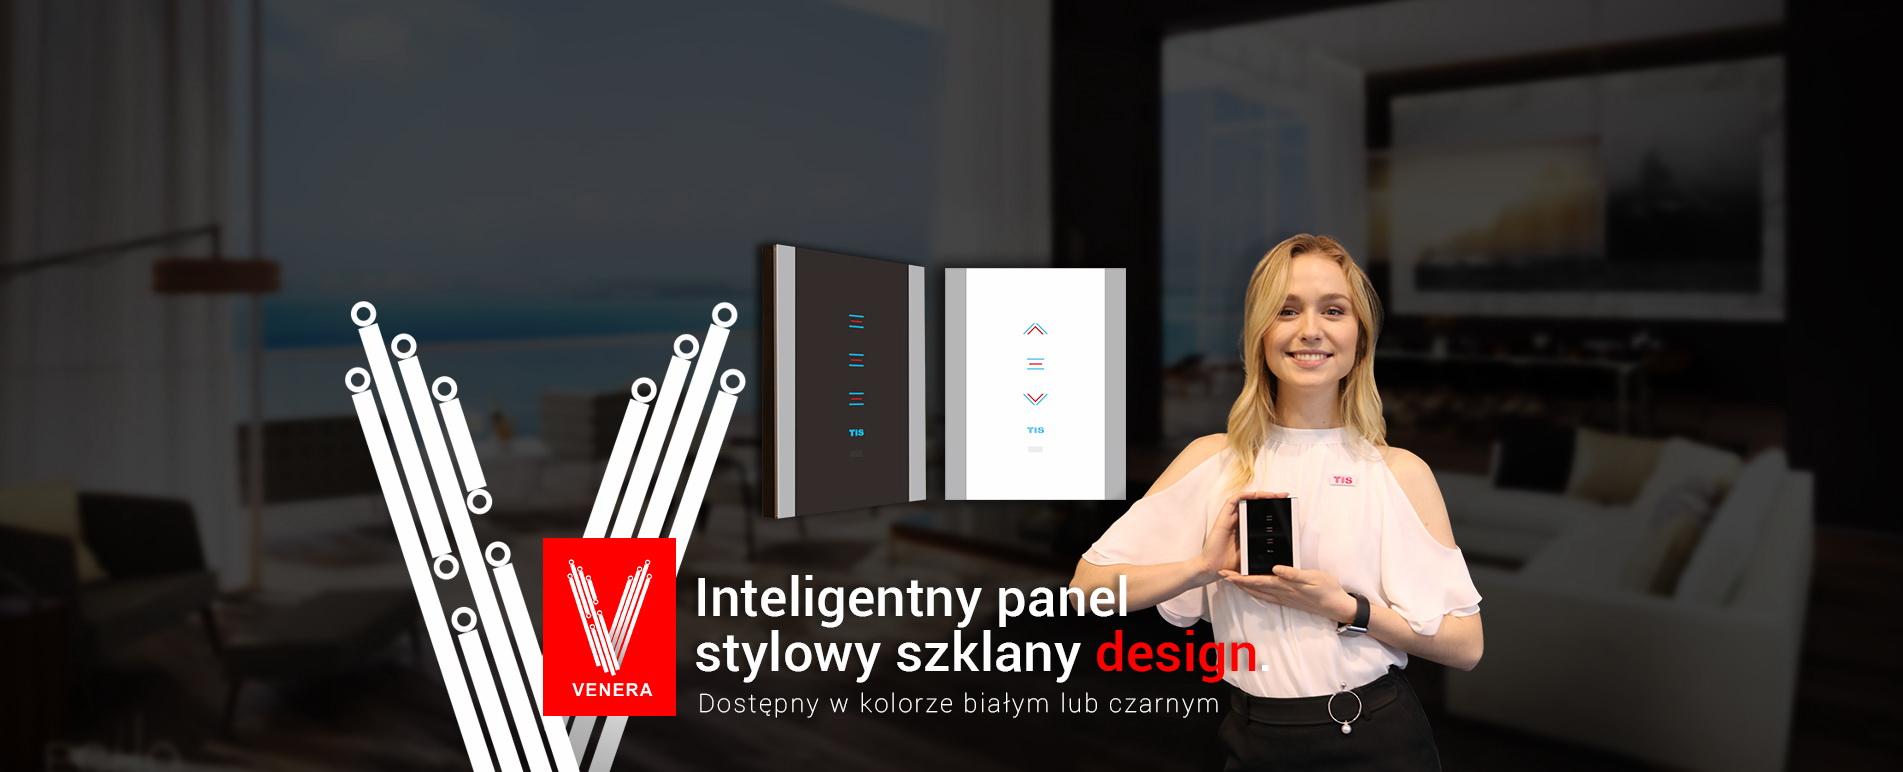 Technologia TIS – łącznik Wi-Fi do świateł Venera Smart